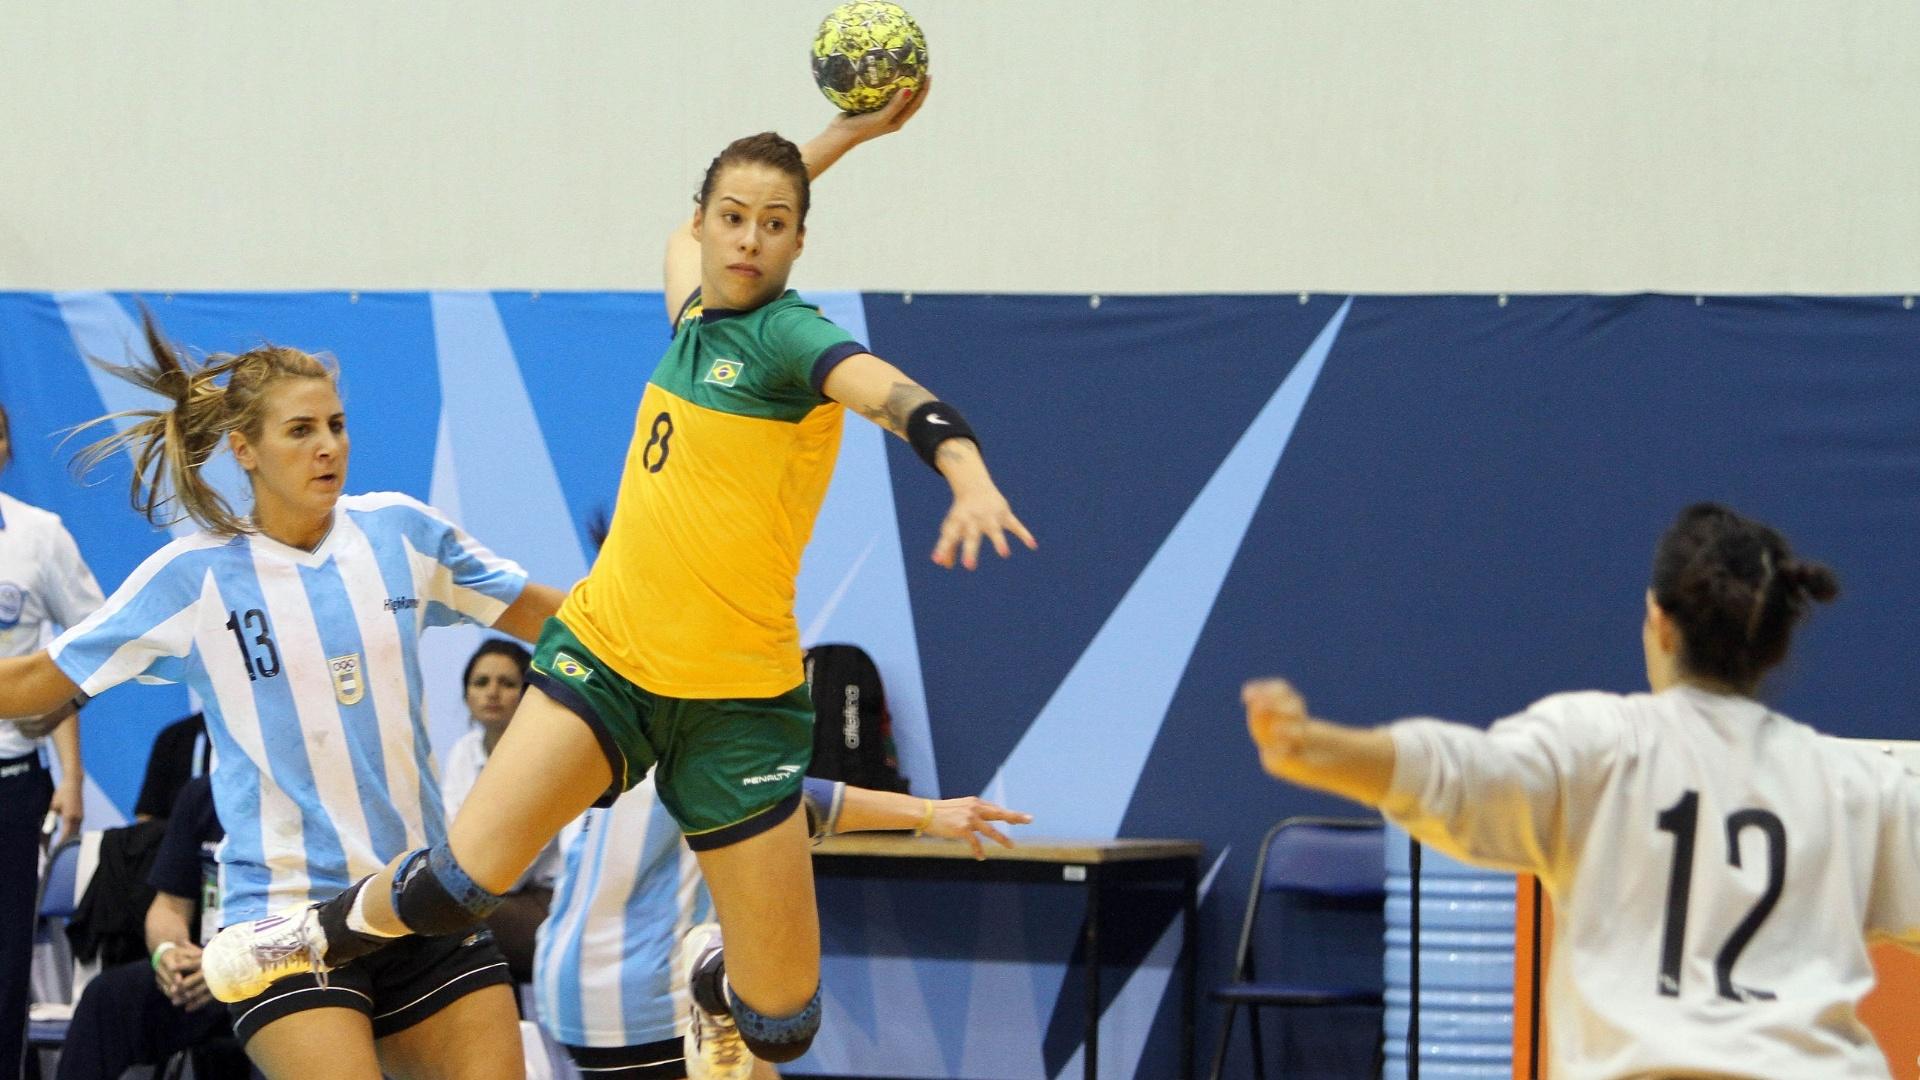 Fernanda arrisca arremesso contra a Argentina na final do handebol no Pan de Guadalajara (23/10/2011)